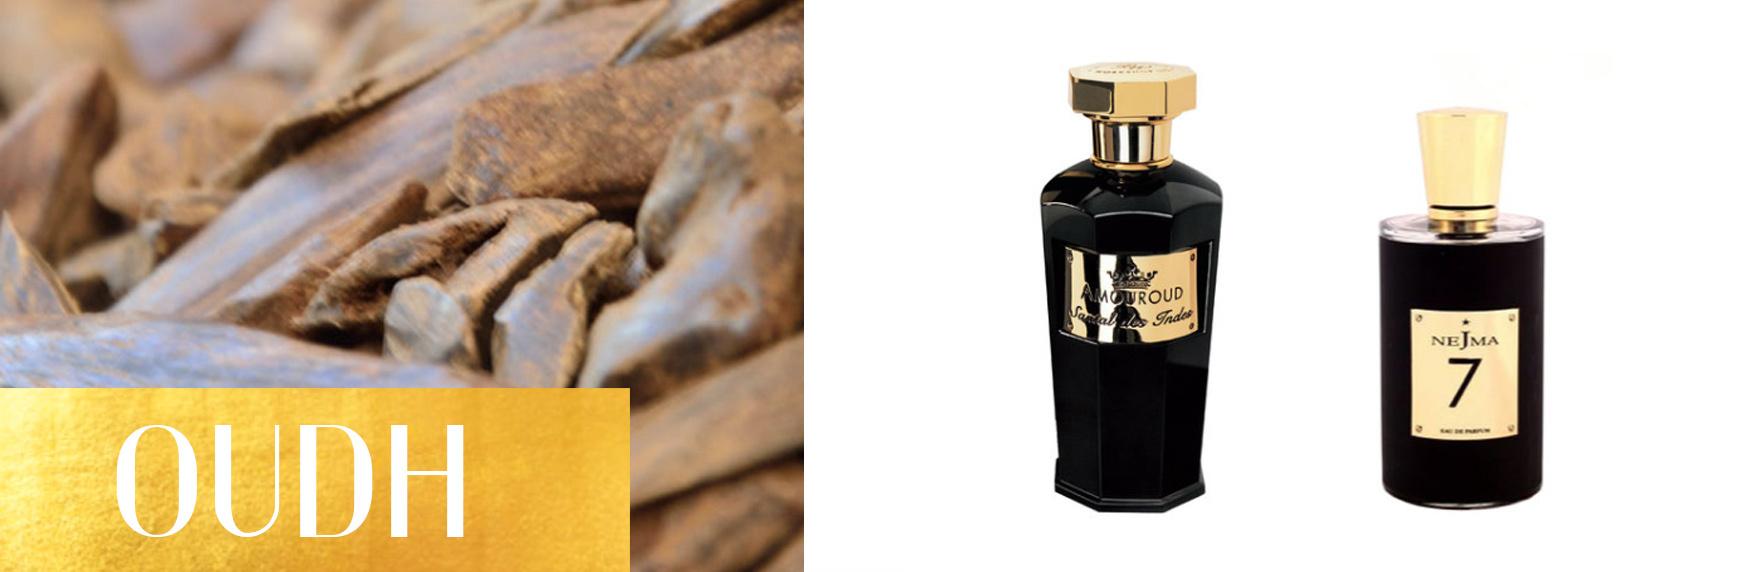 Parfum Ingrediënten: Oudh